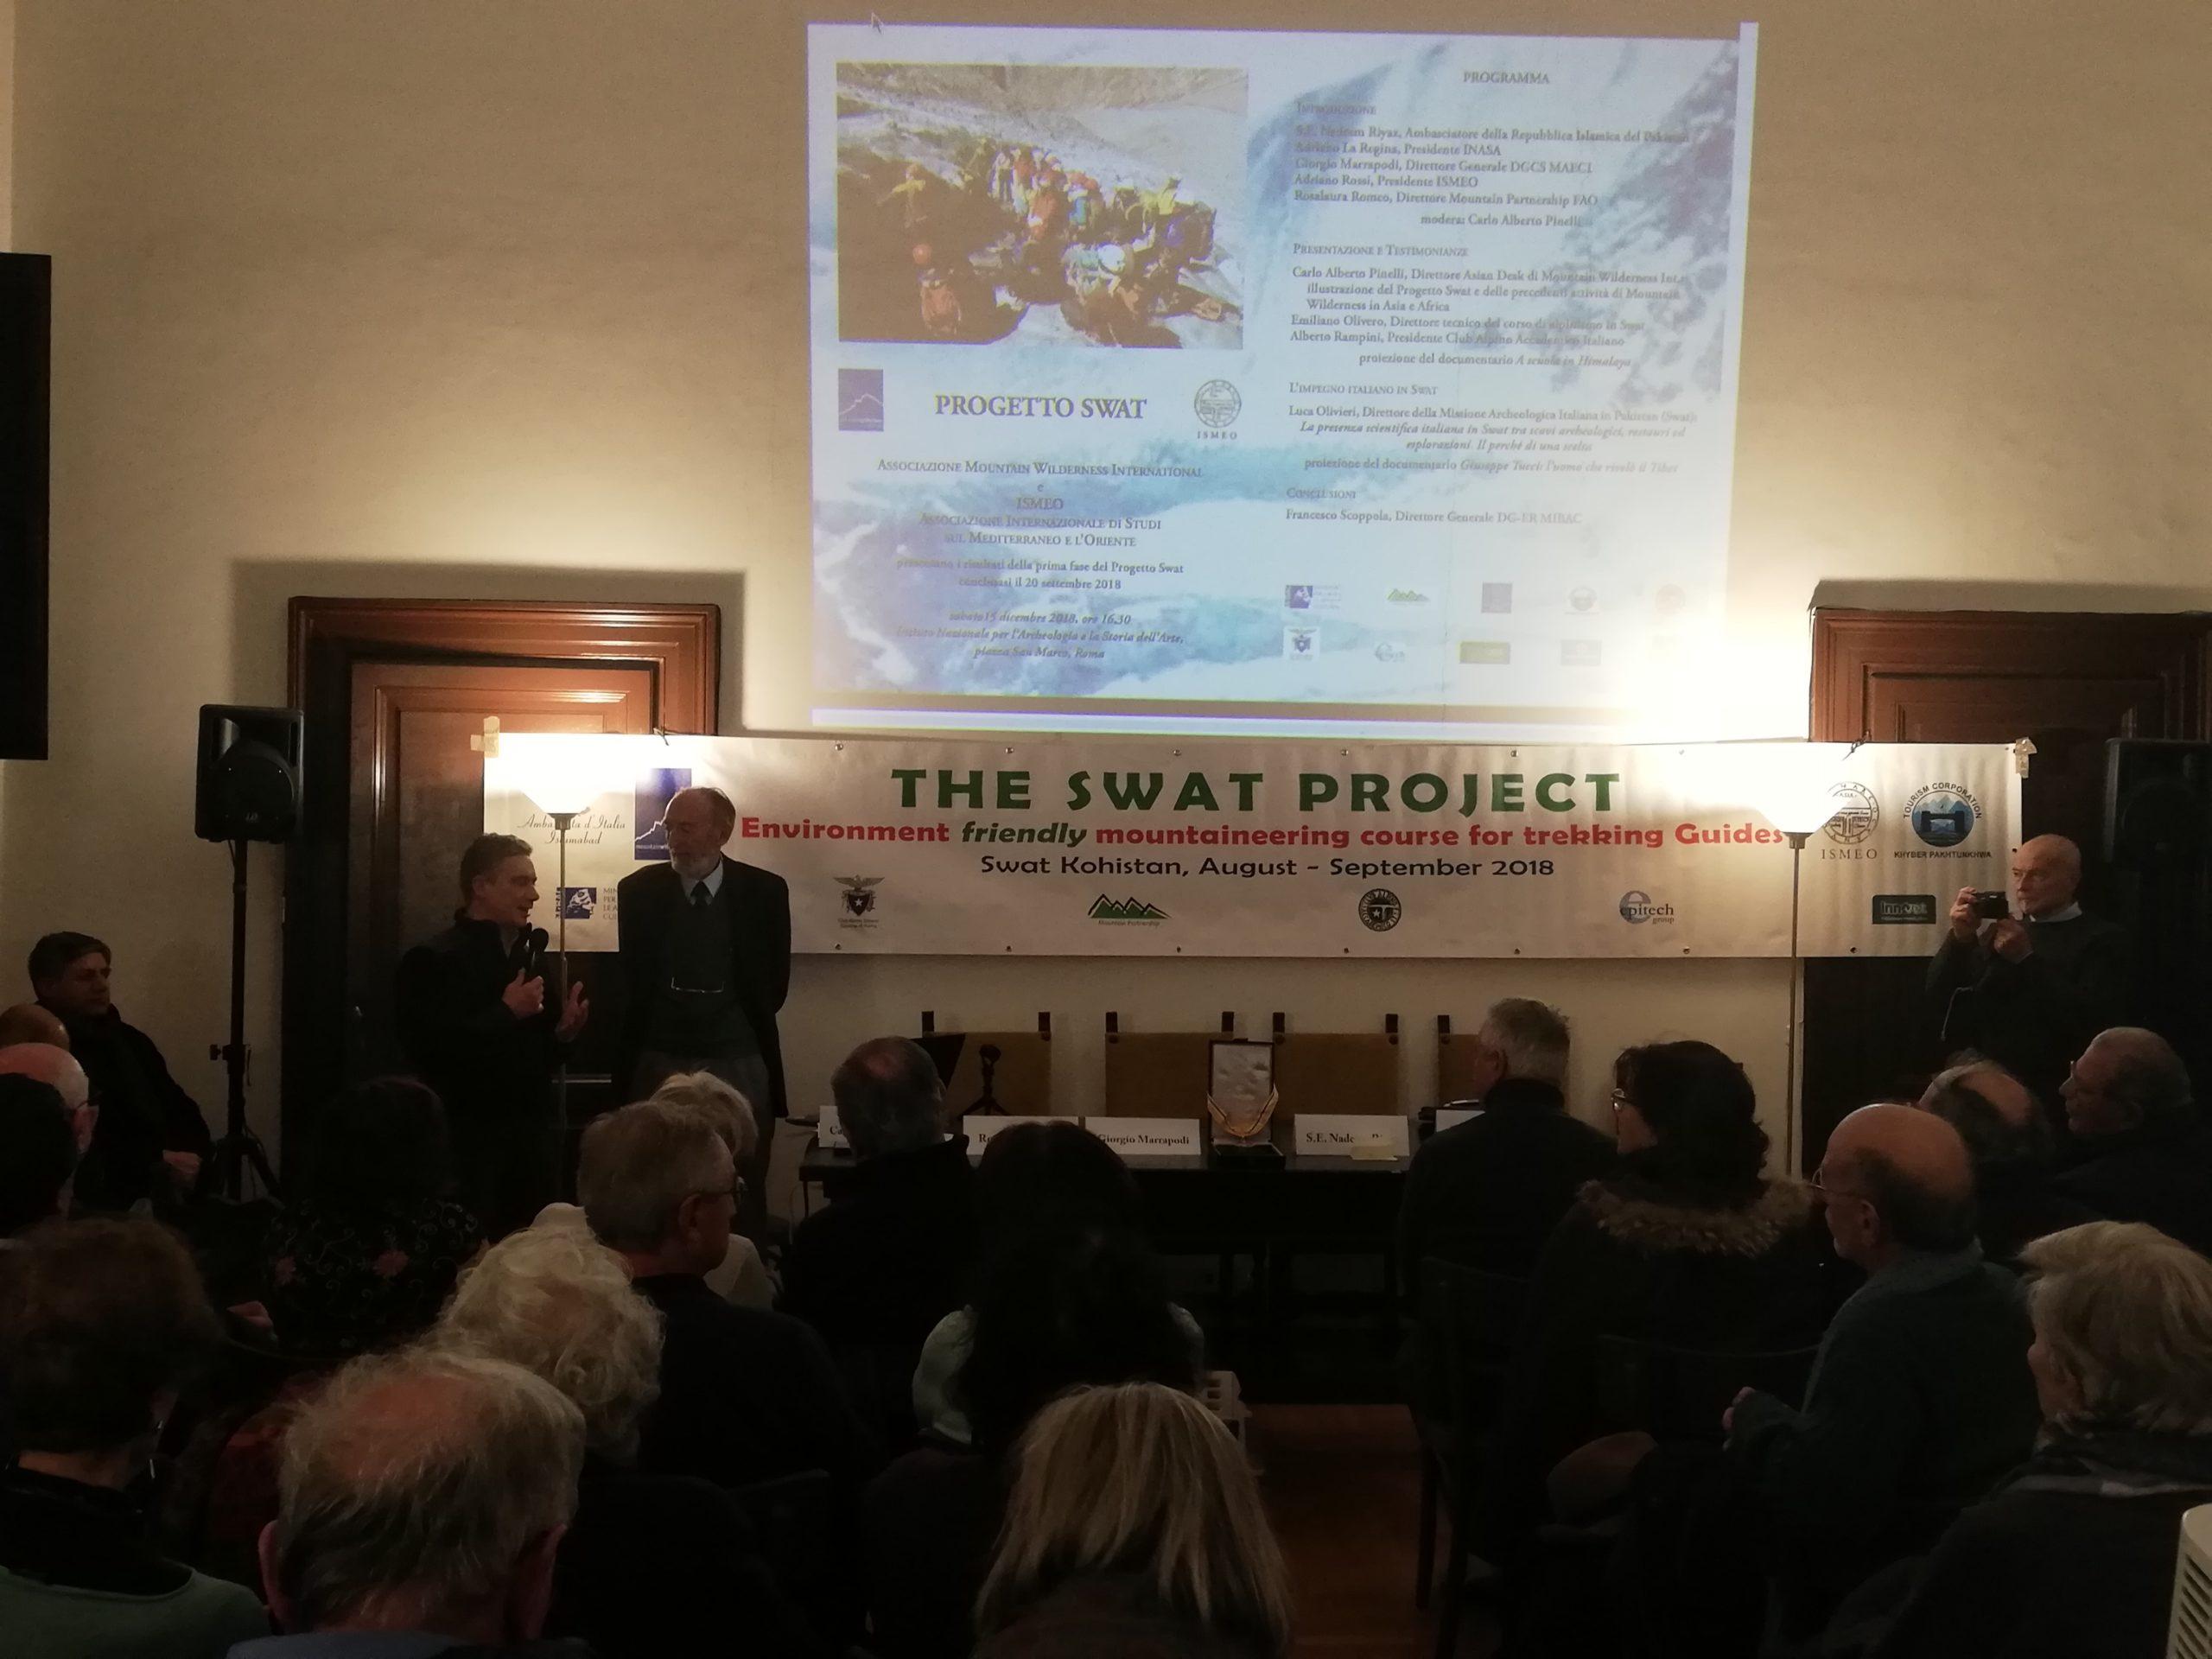 Il direttore Carlo Alberto Pinelli risponde alle domande del pubblico.